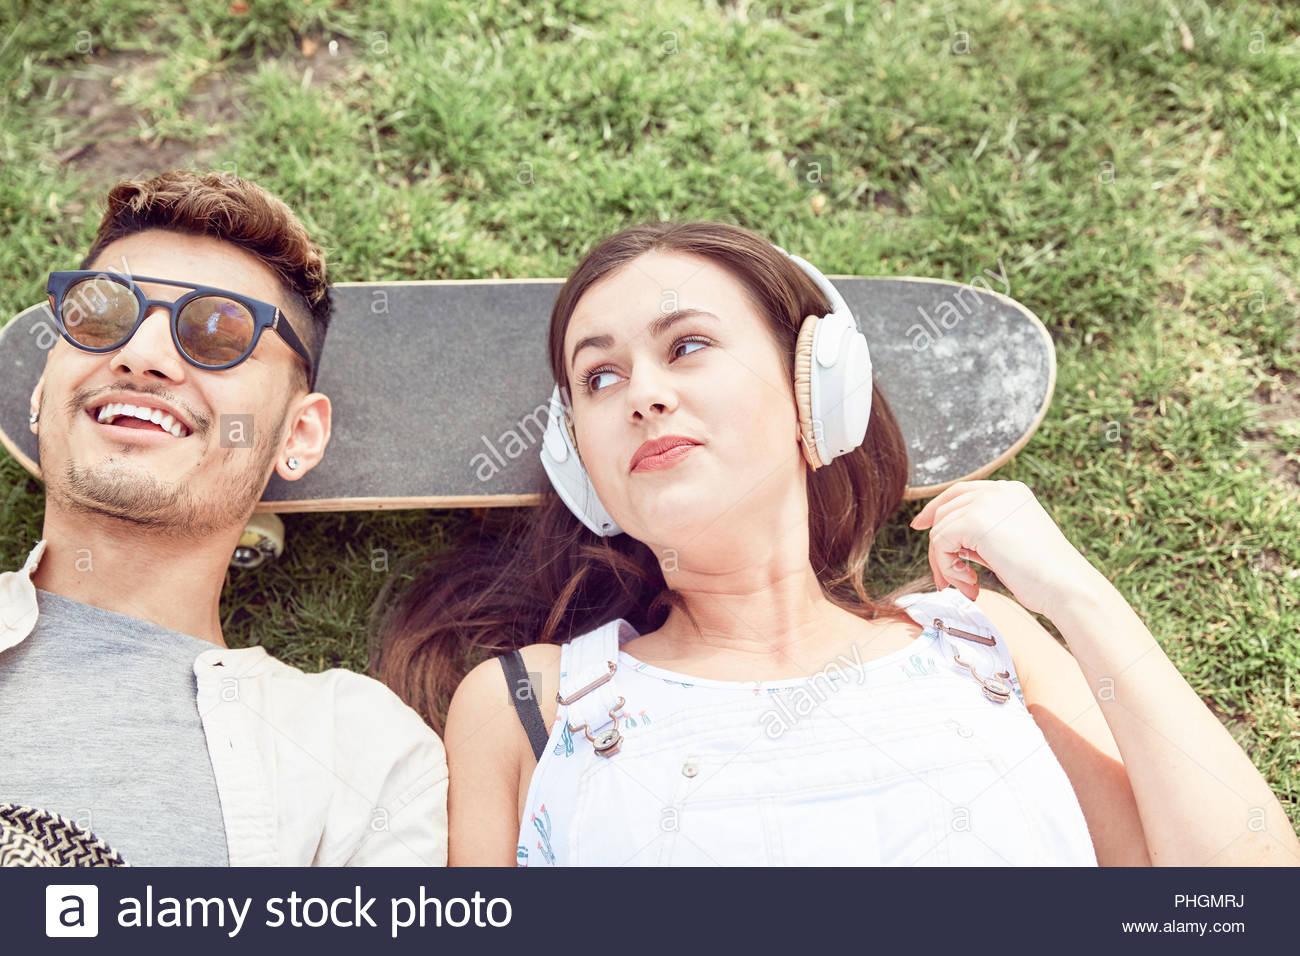 La pareja de adolescentes acostado en monopatín en park Imagen De Stock